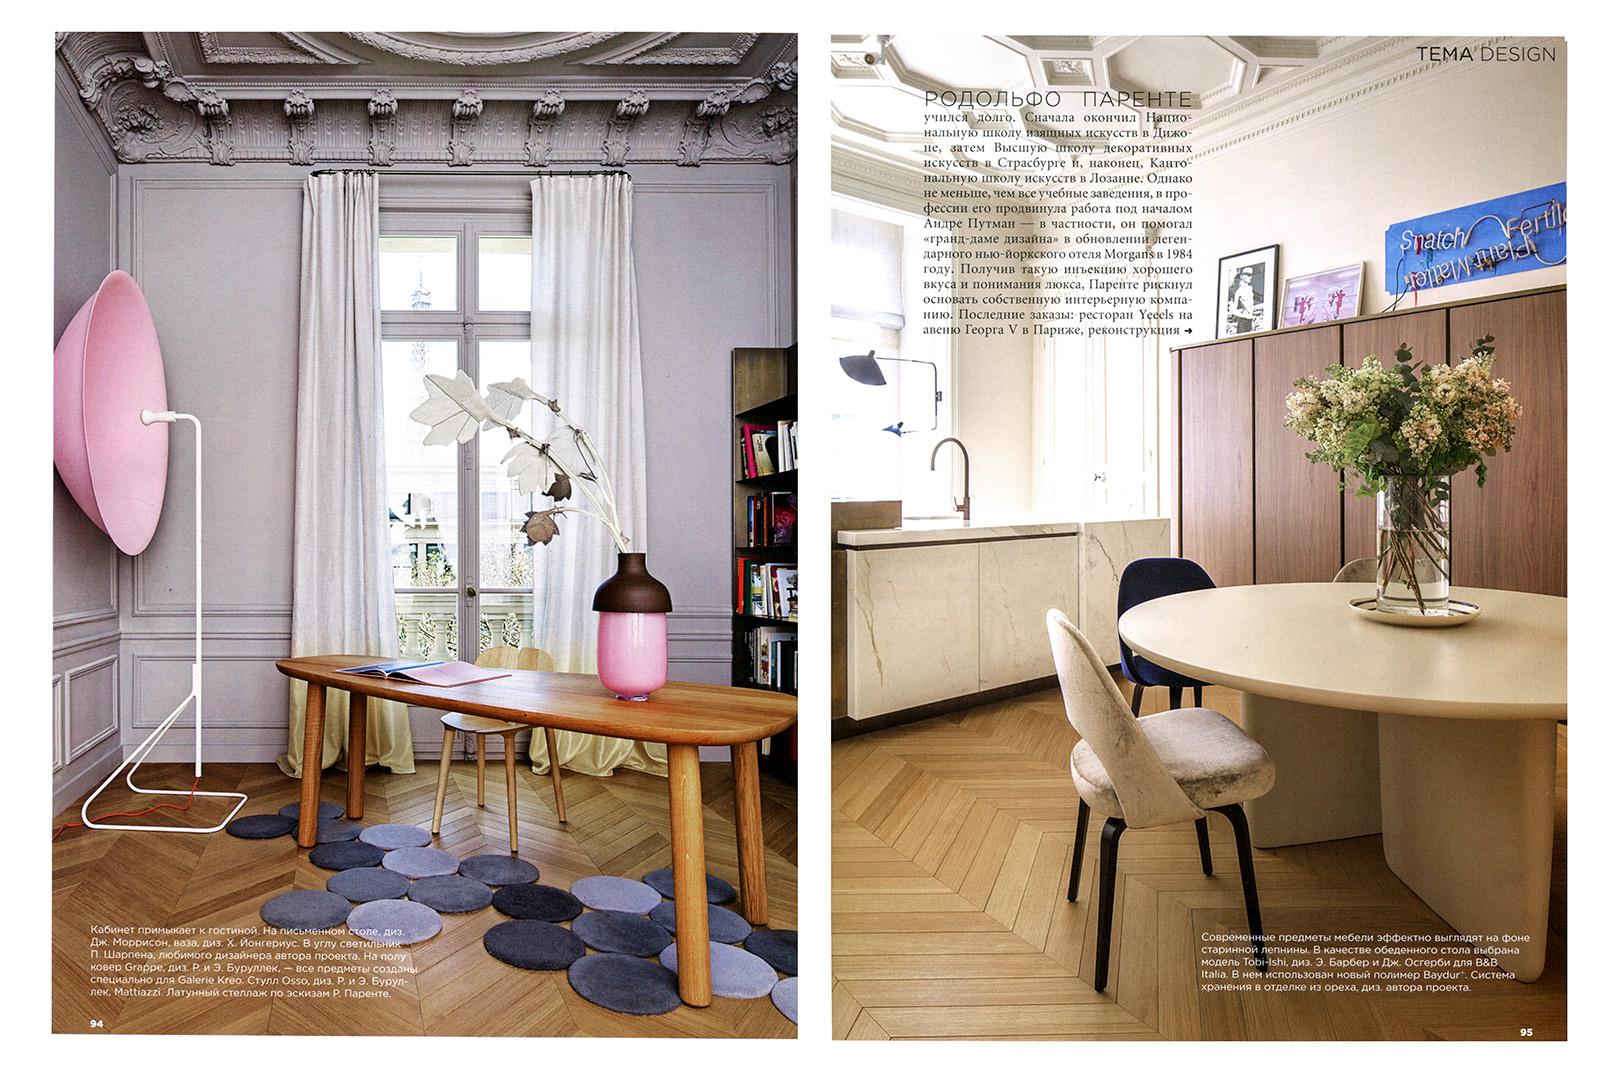 Rodolphe-Parente-Interior-Design-Magazine-2015-03